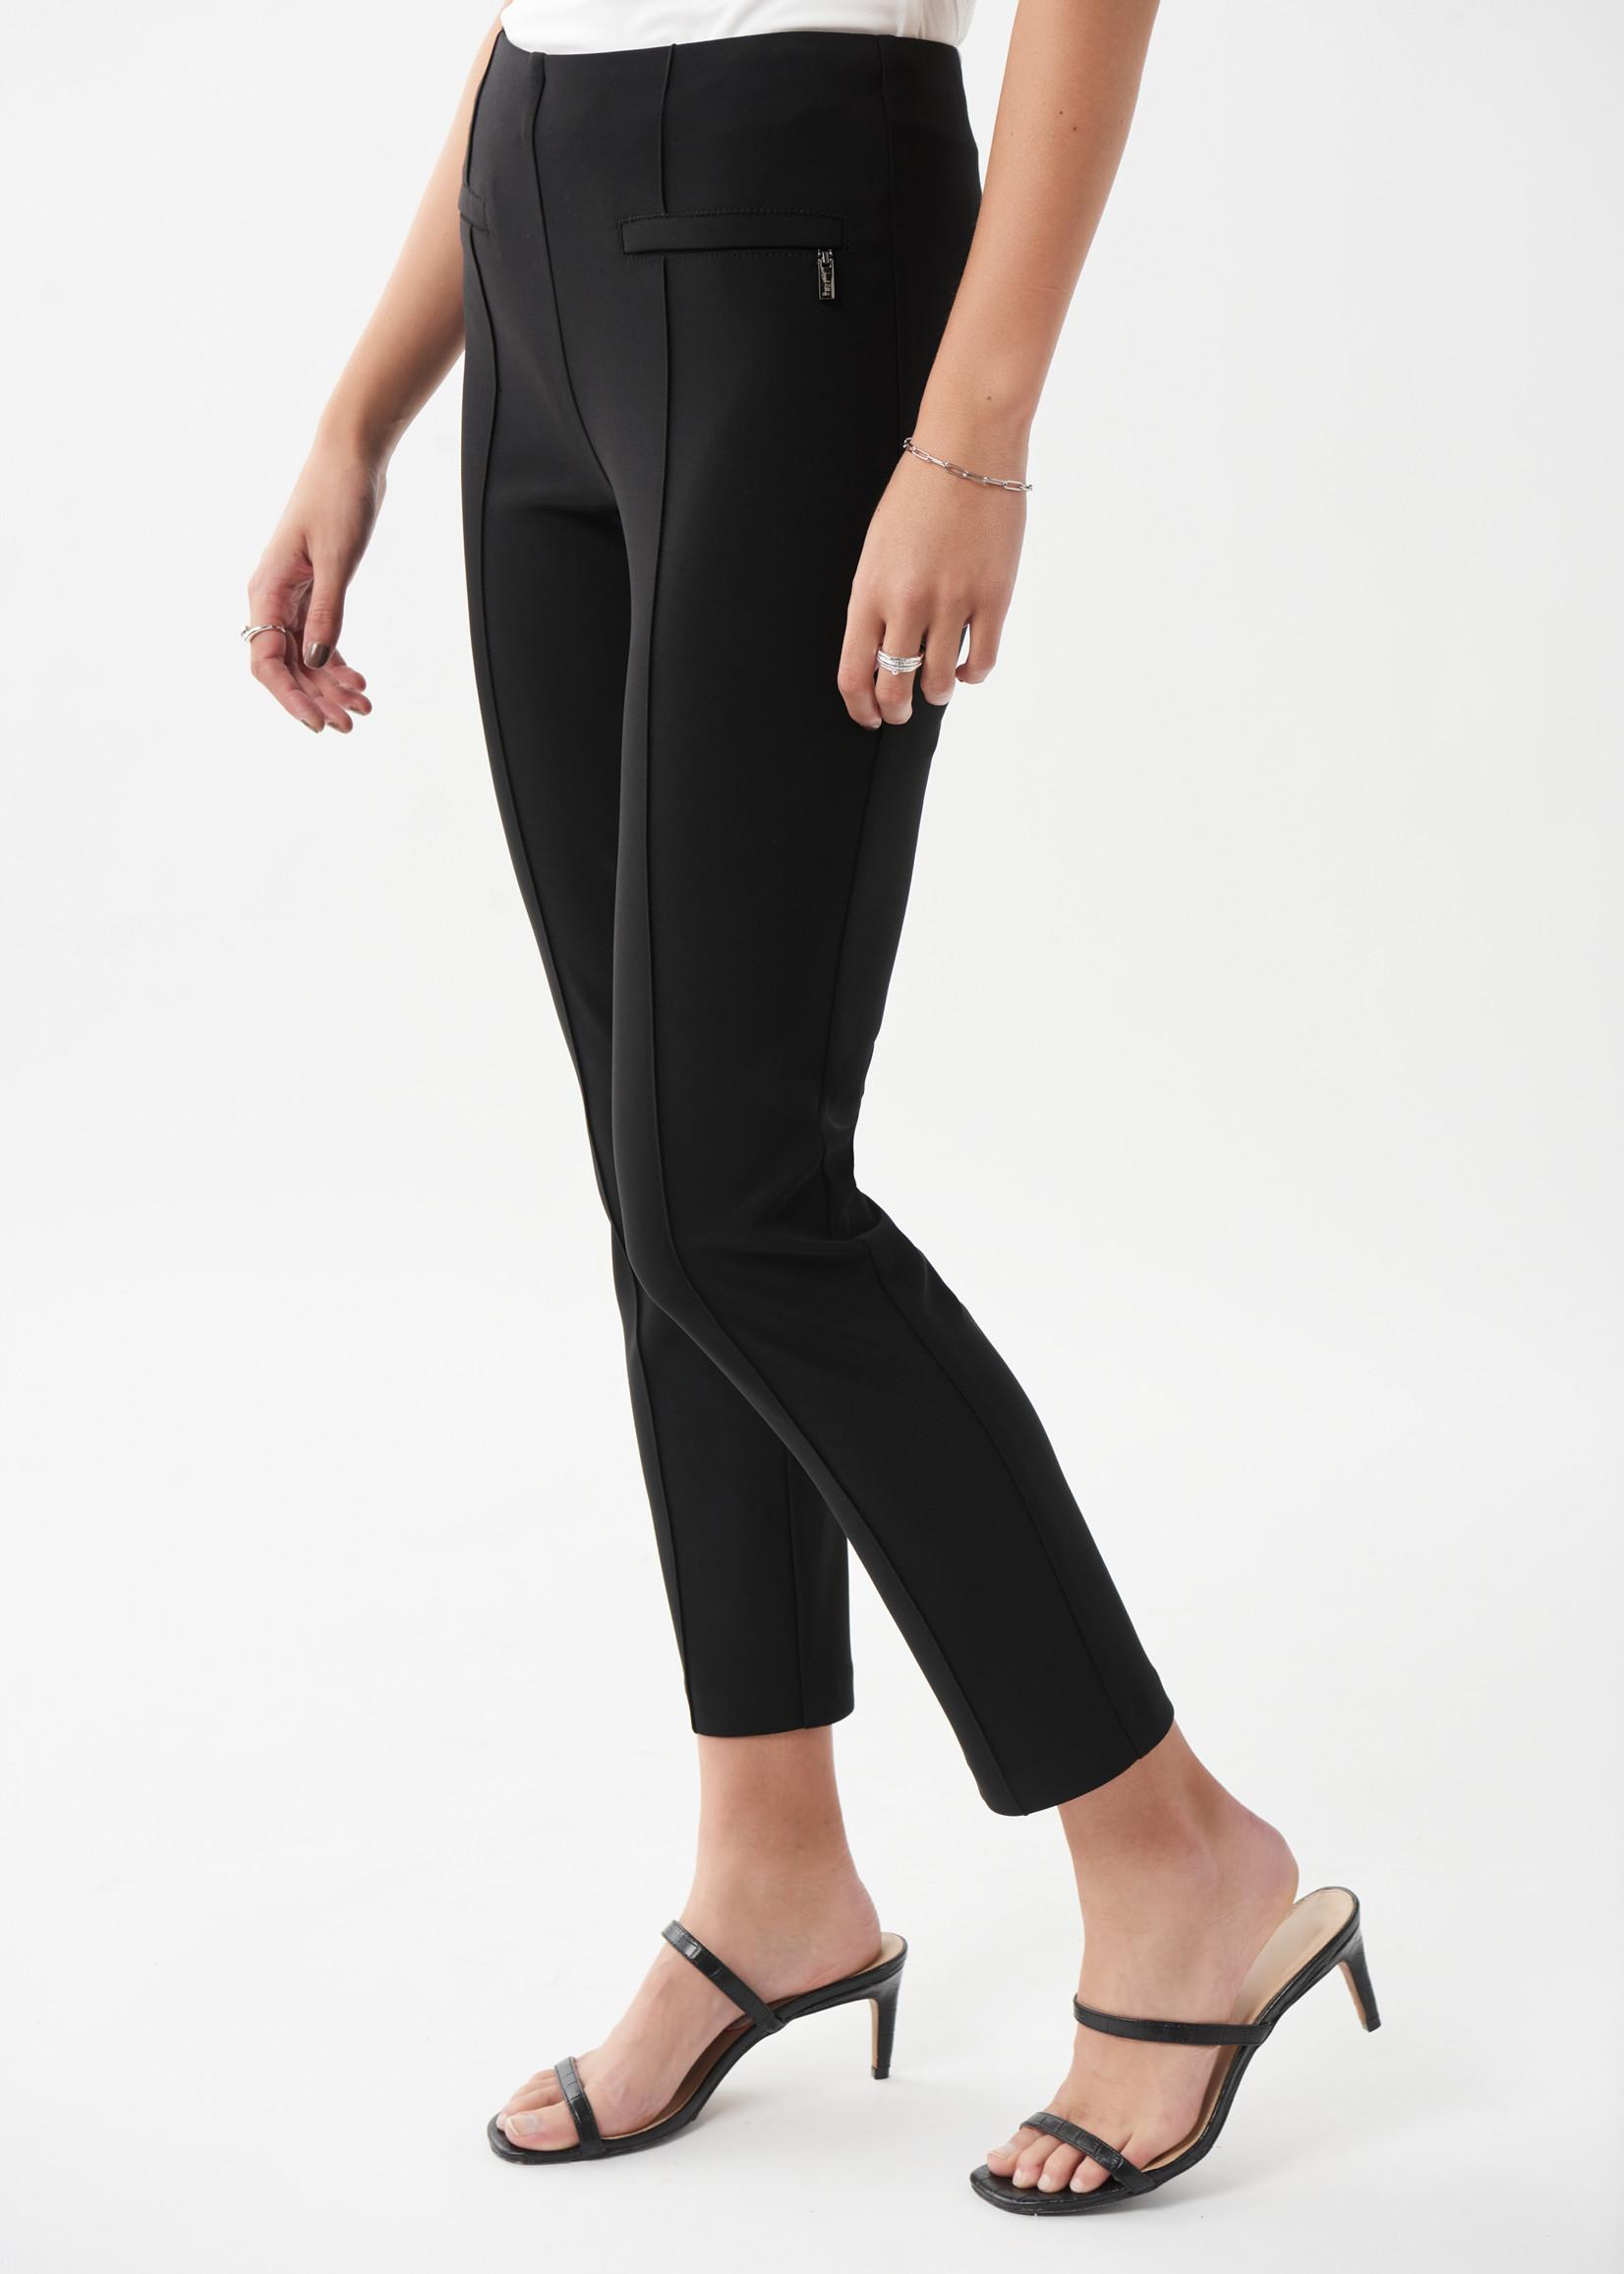 Joseph Ribkoff Black Pullon Ankle Pant